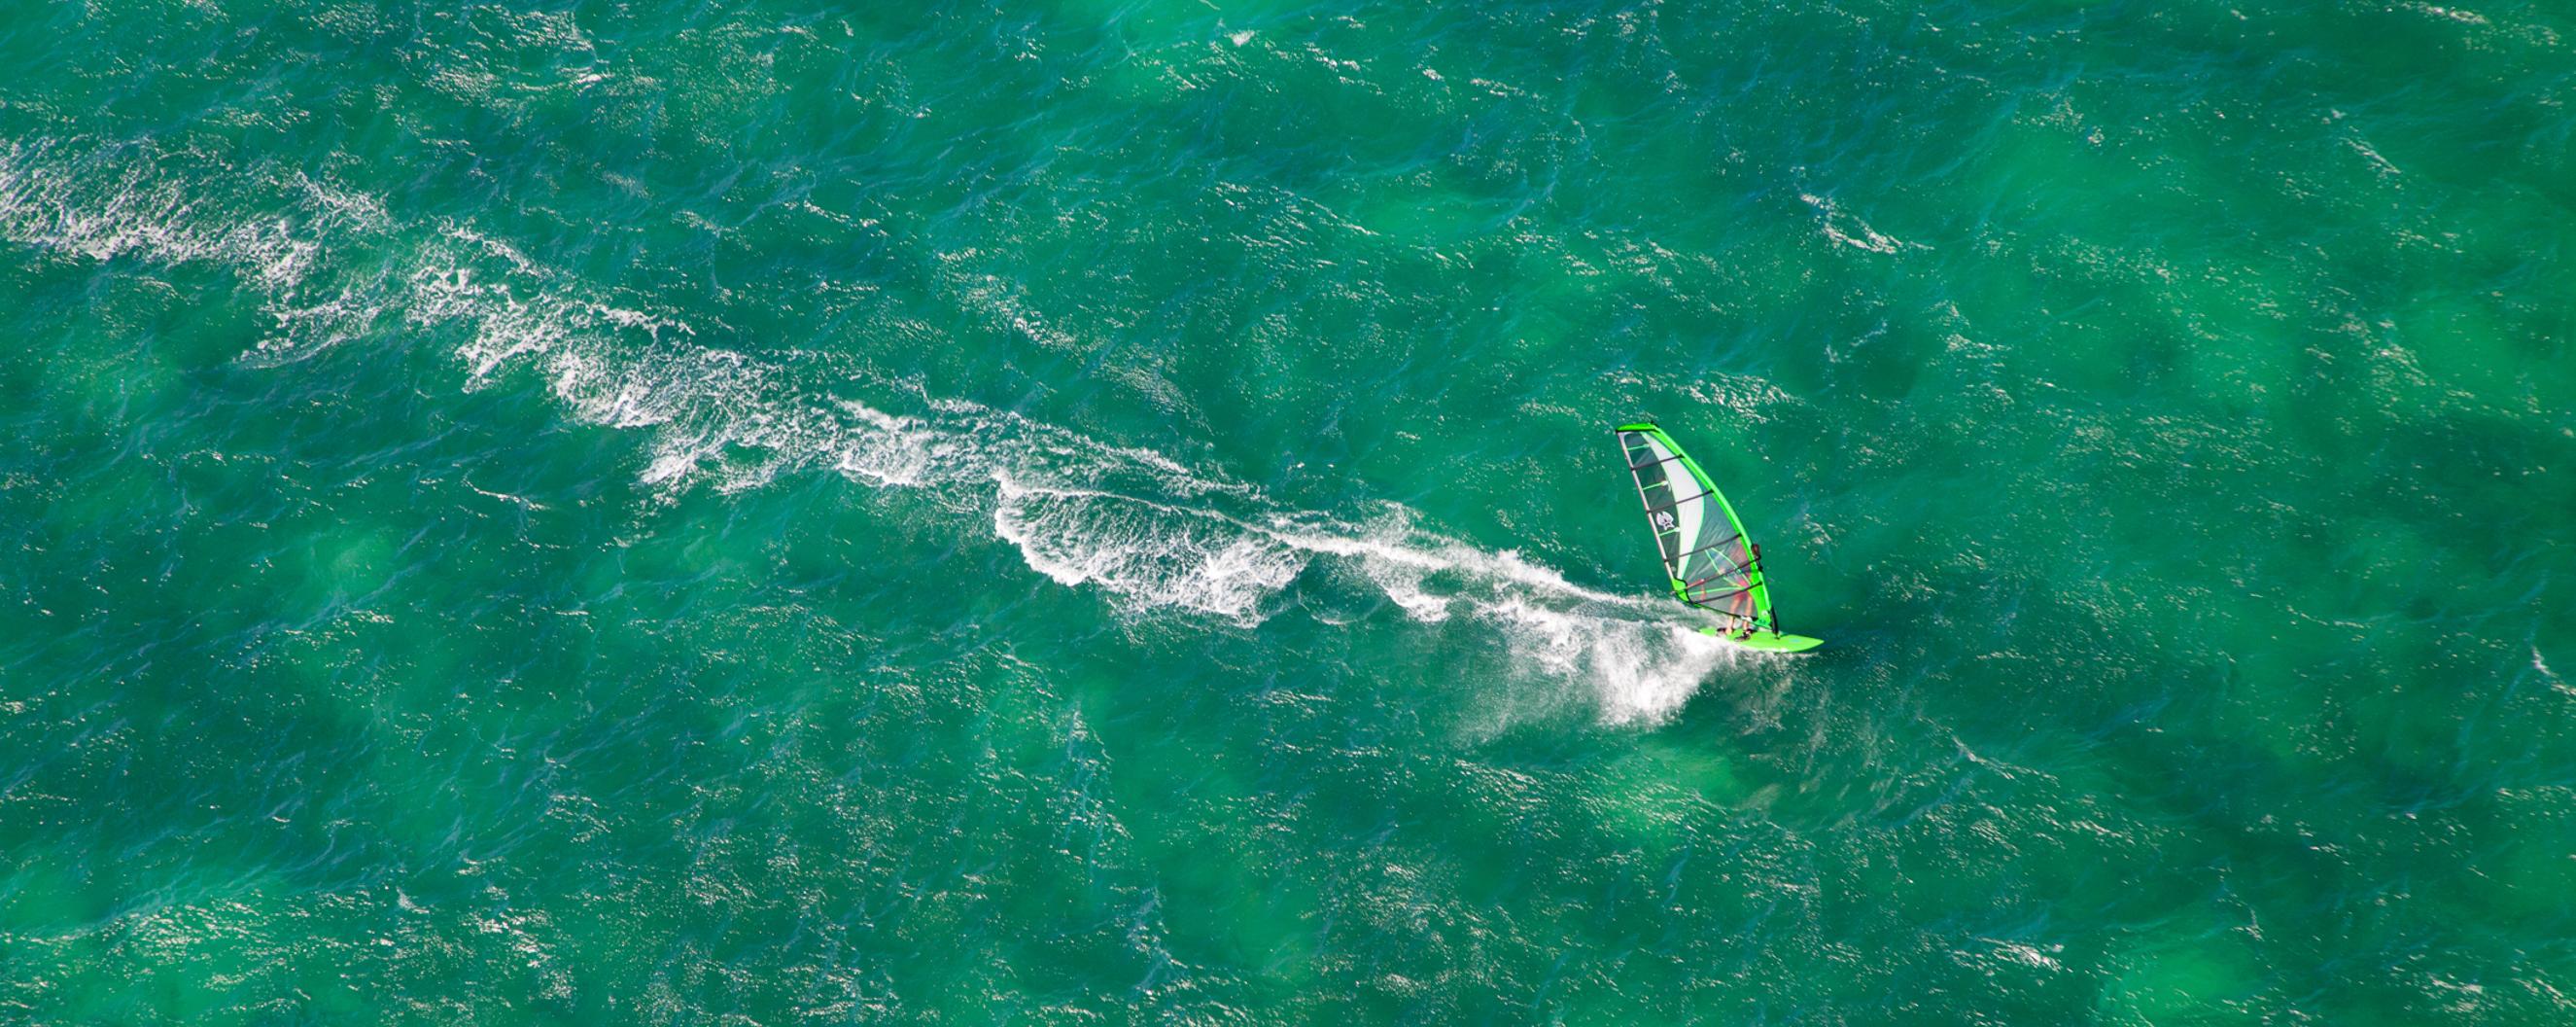 Wind Surfing Spreckelsville